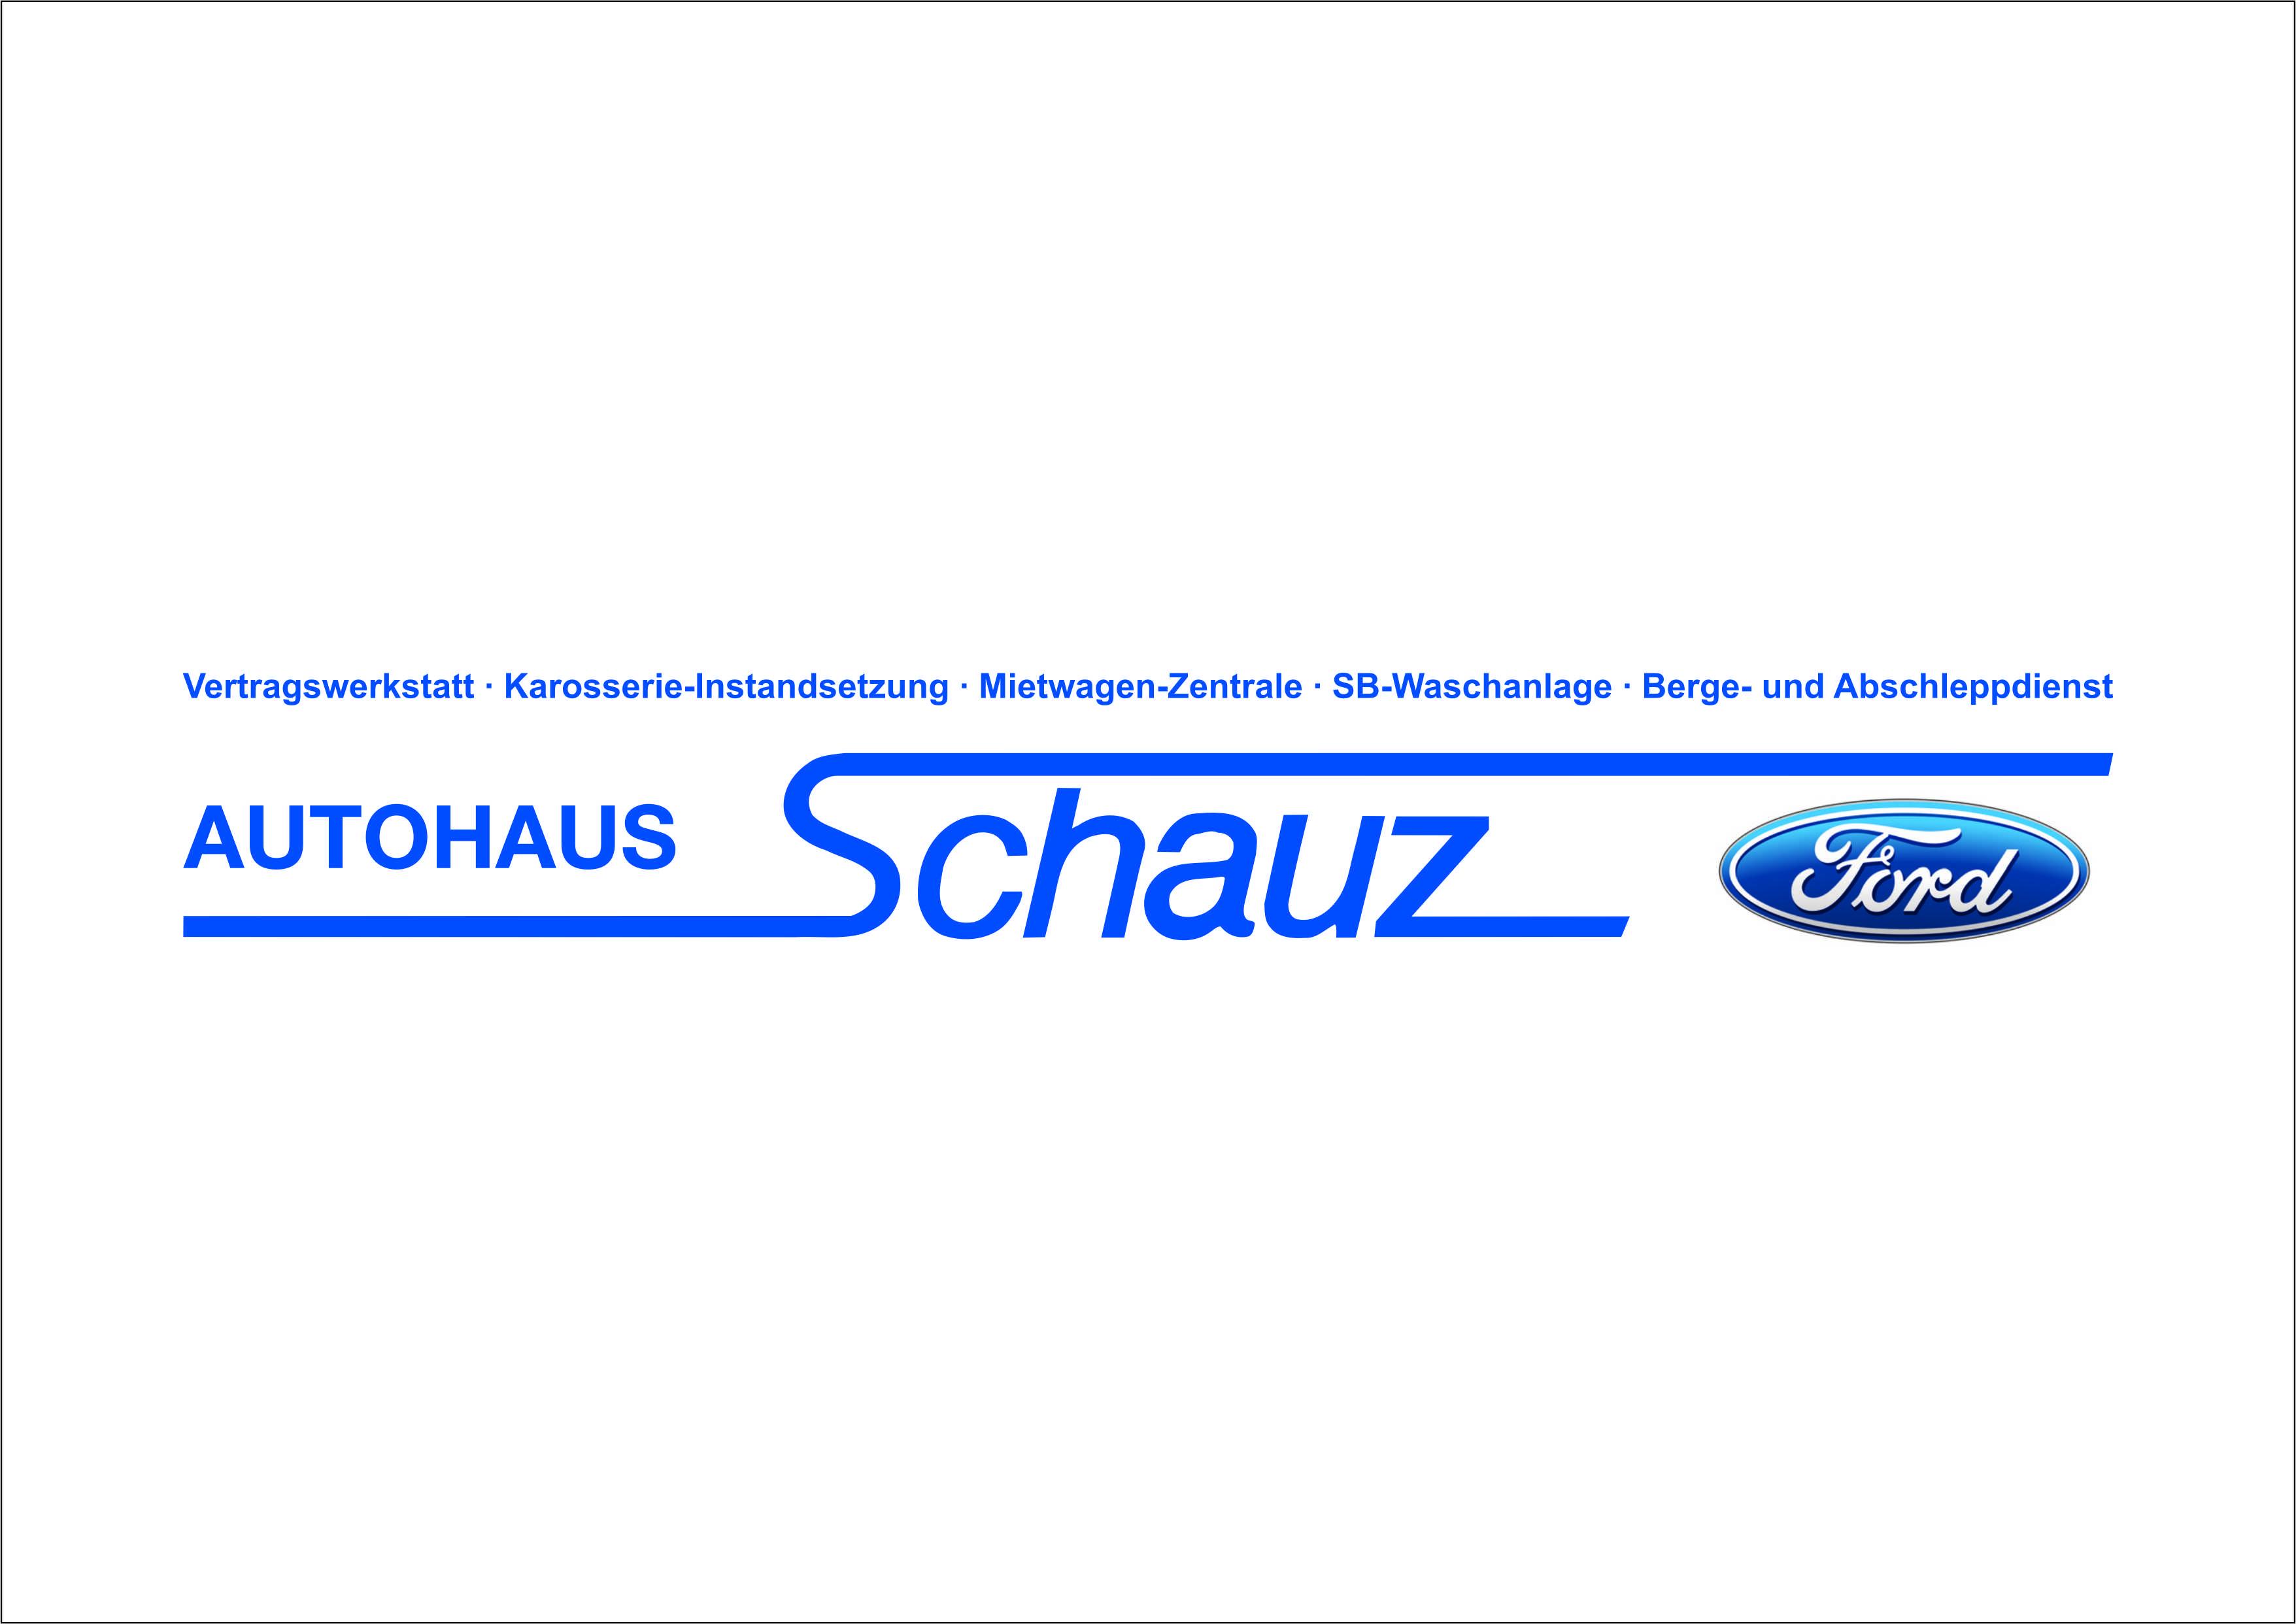 Autohaus Schauz